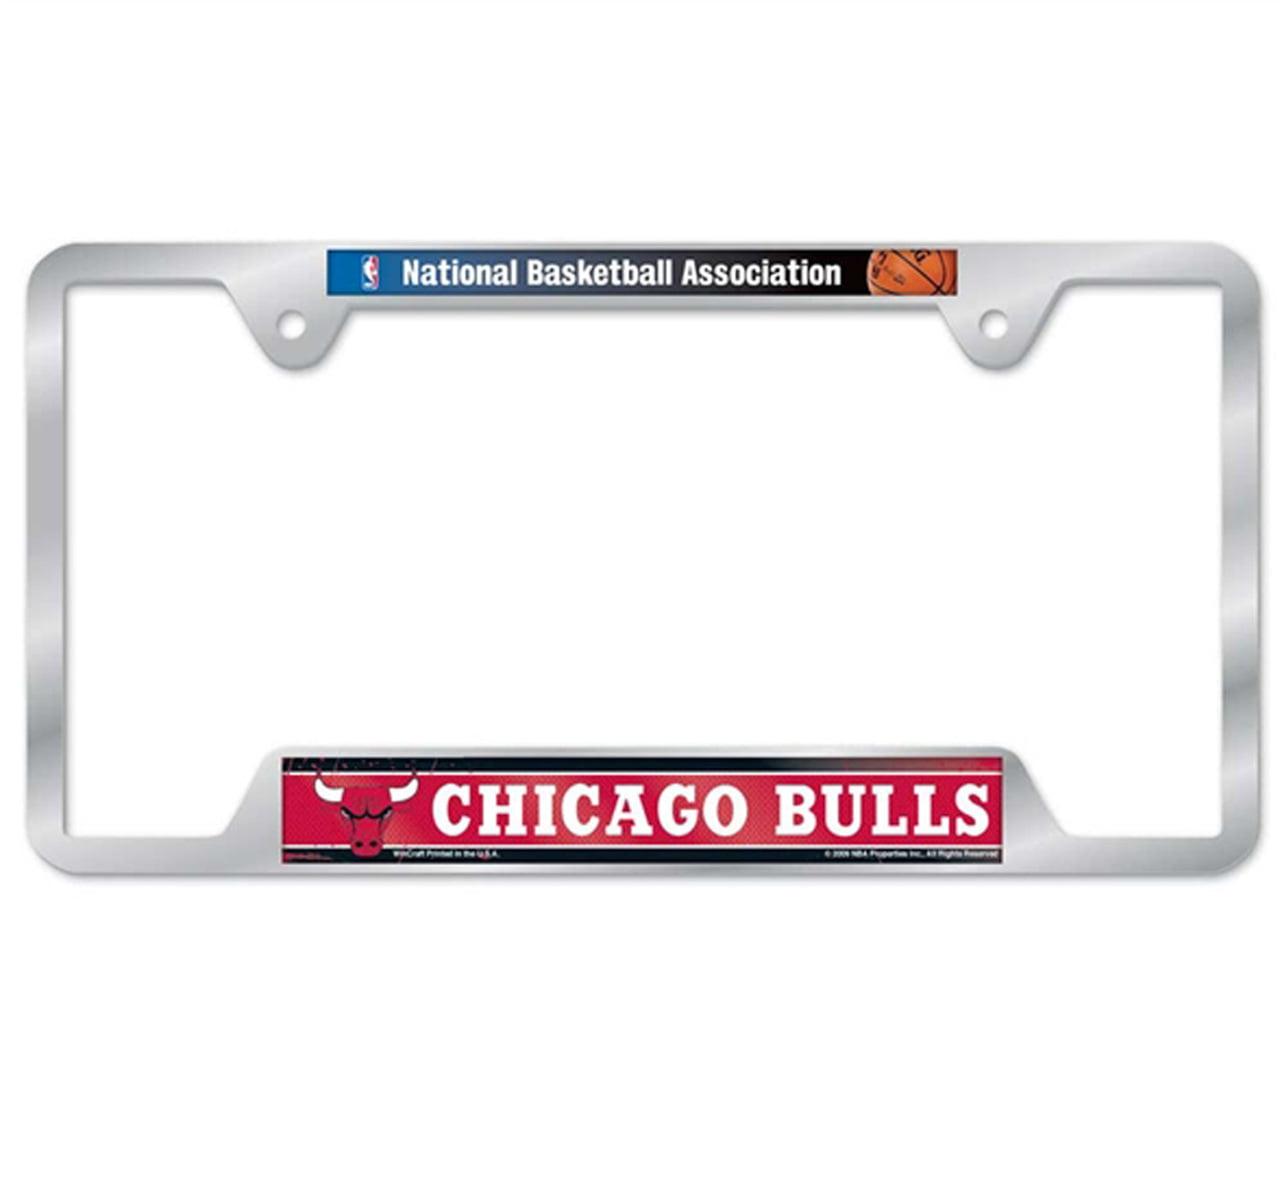 Chicago Bulls Metal License Plate Frame - Team Color